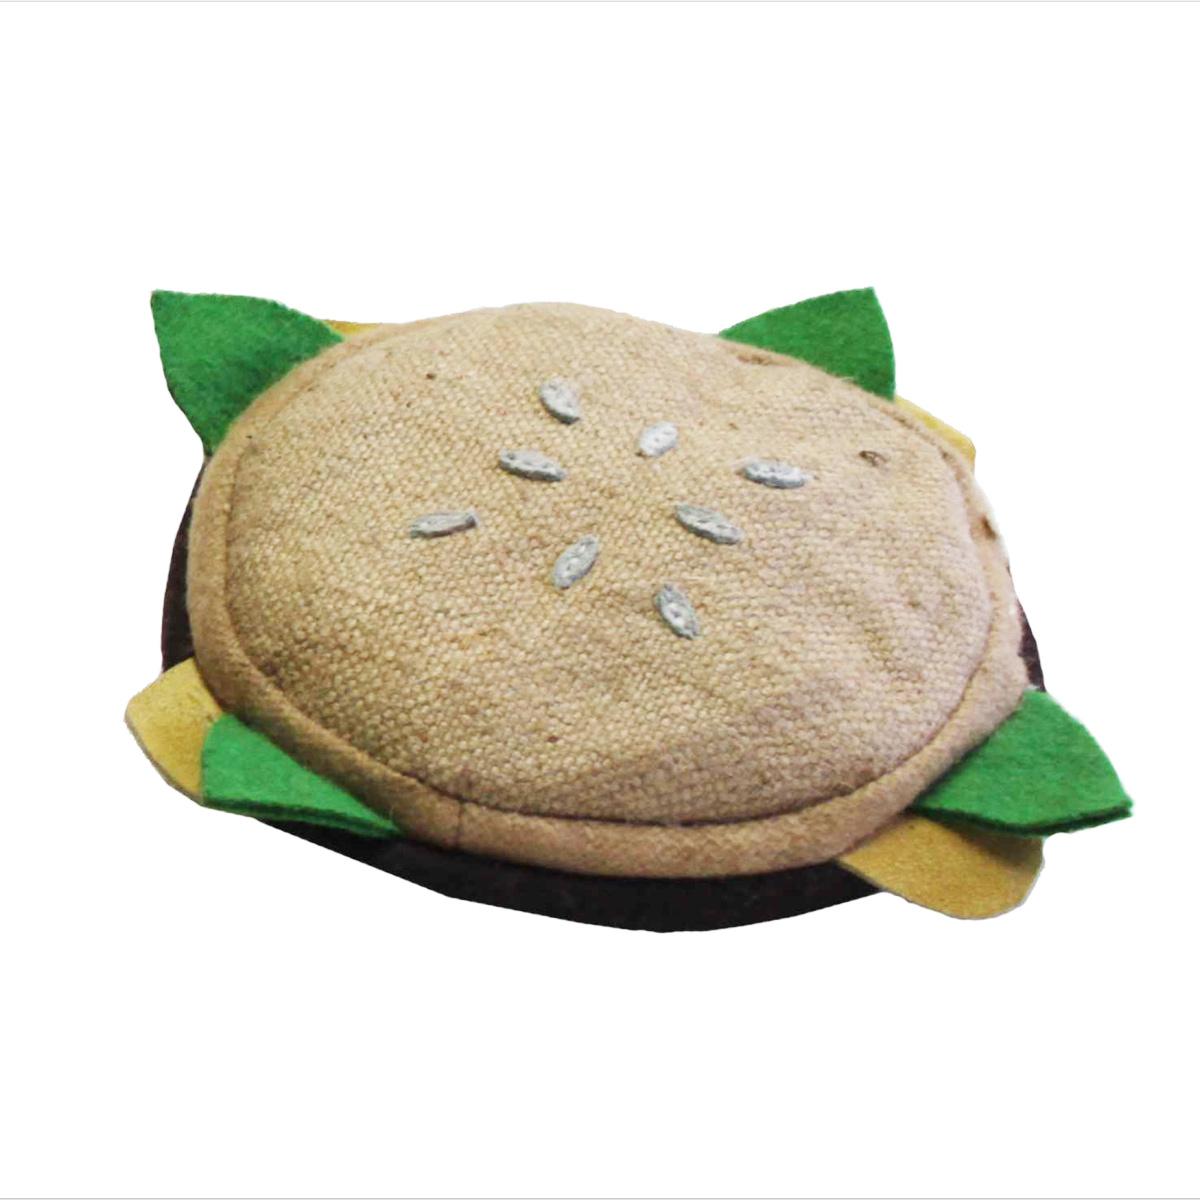 Aussie Naturals Lunch Dog Toy - Burger